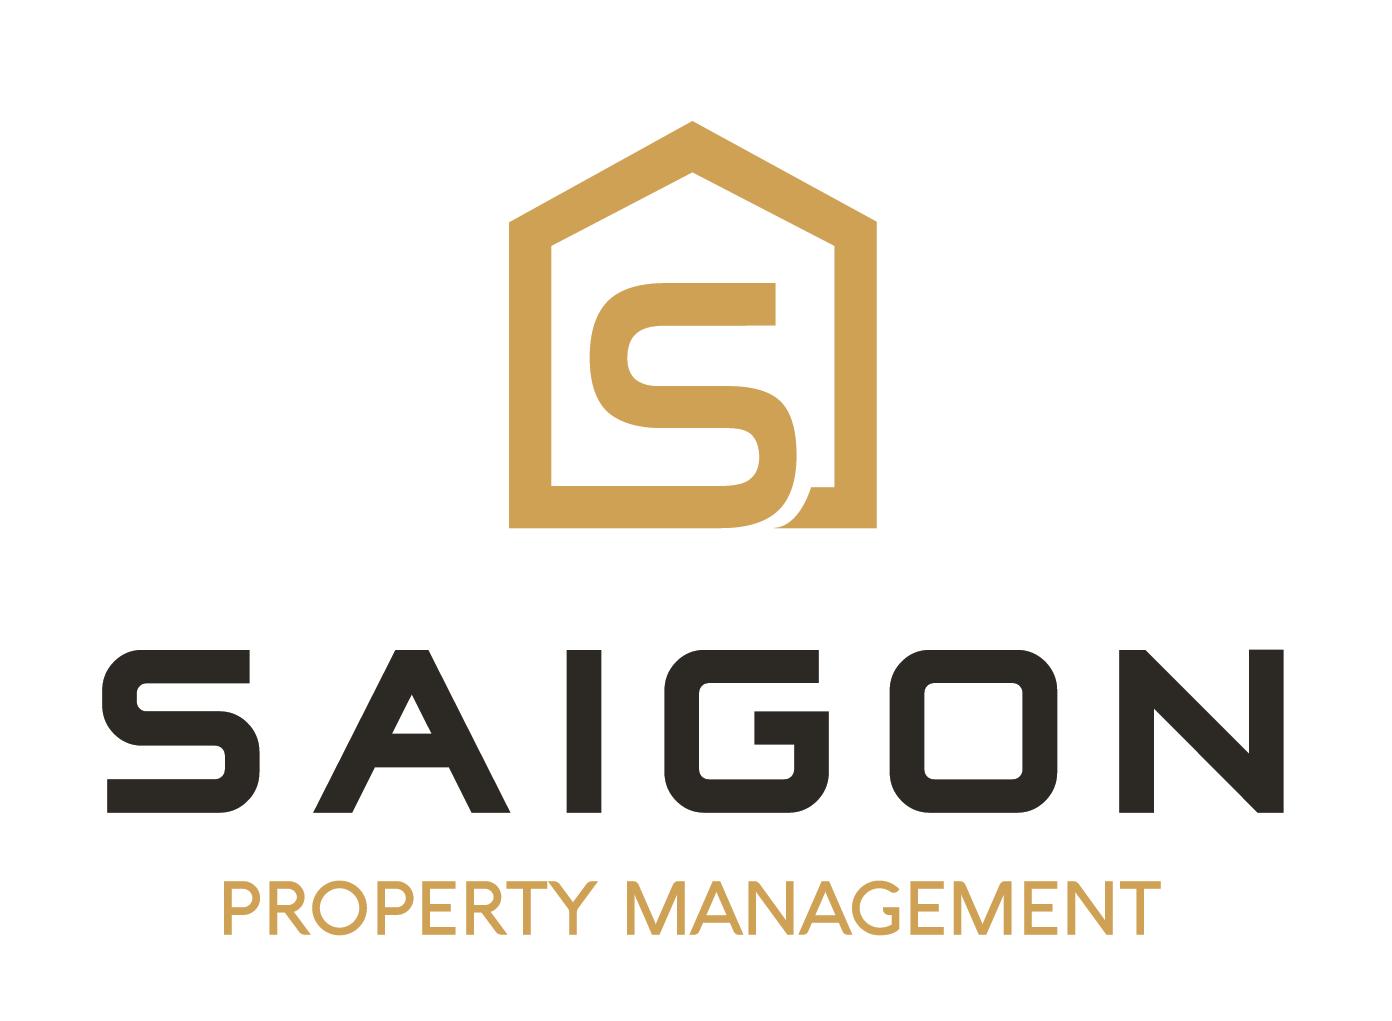 logo-spmgroup-2509